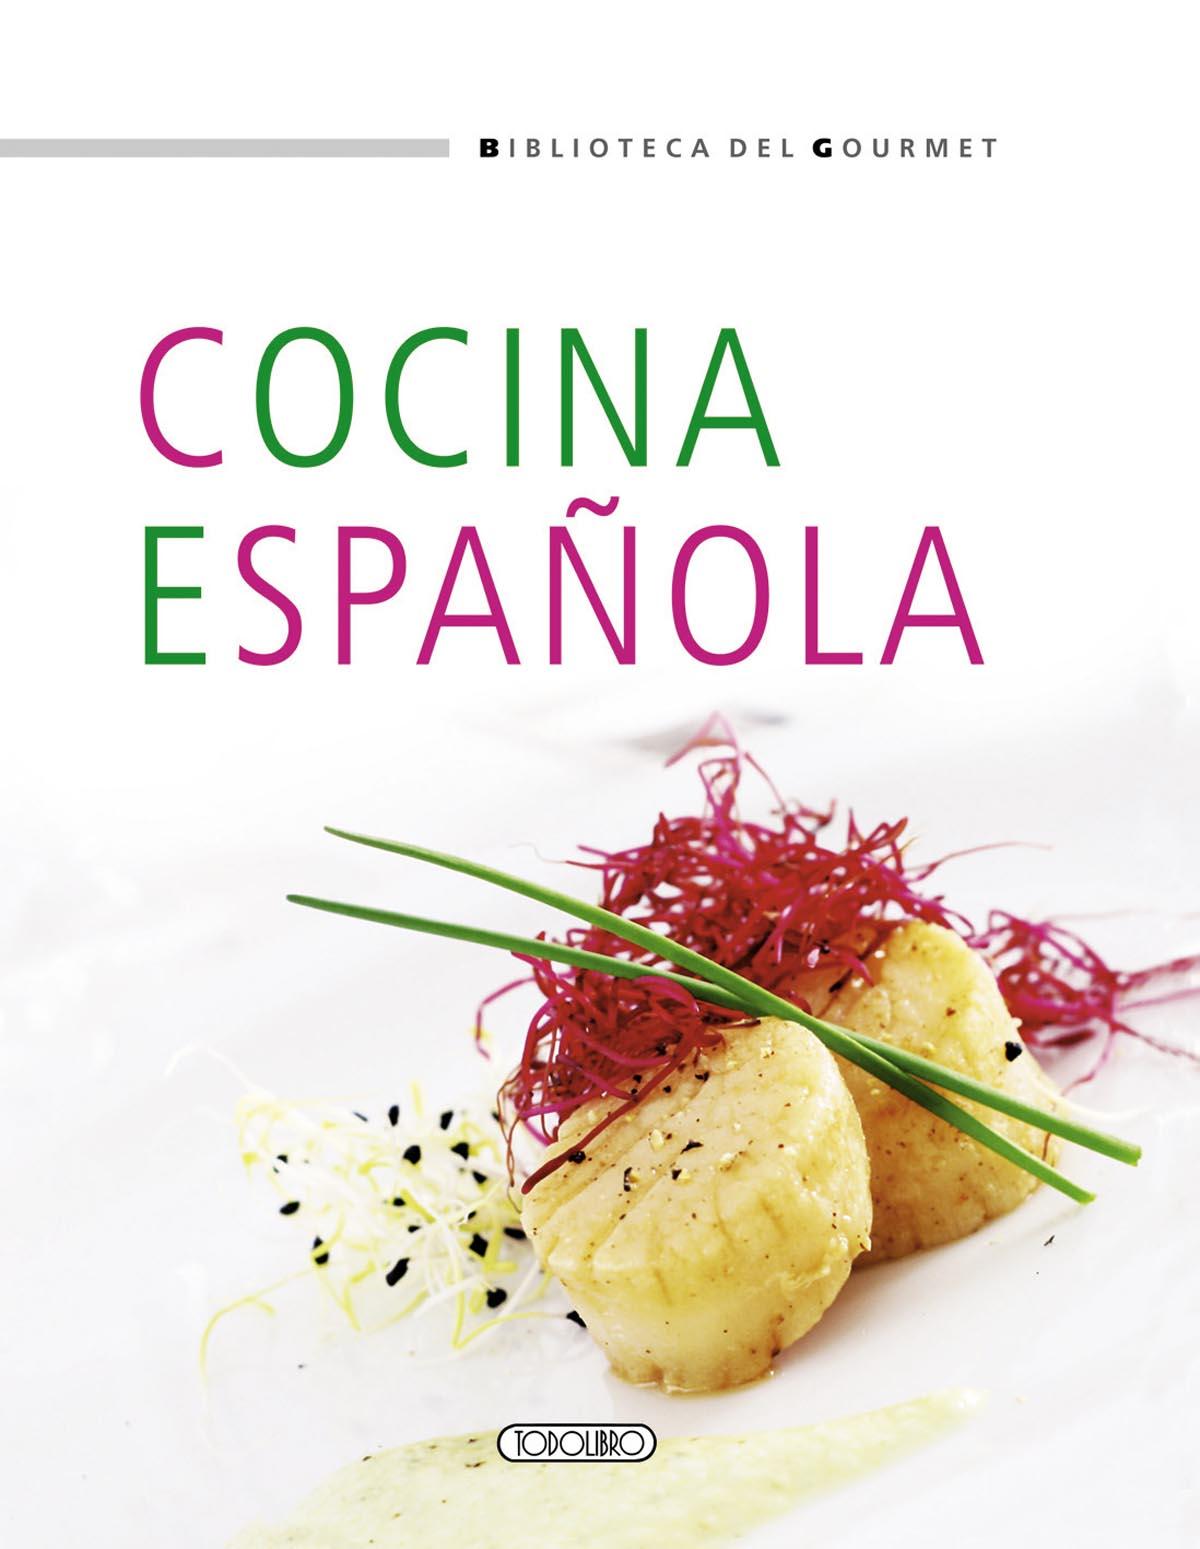 comida española receta